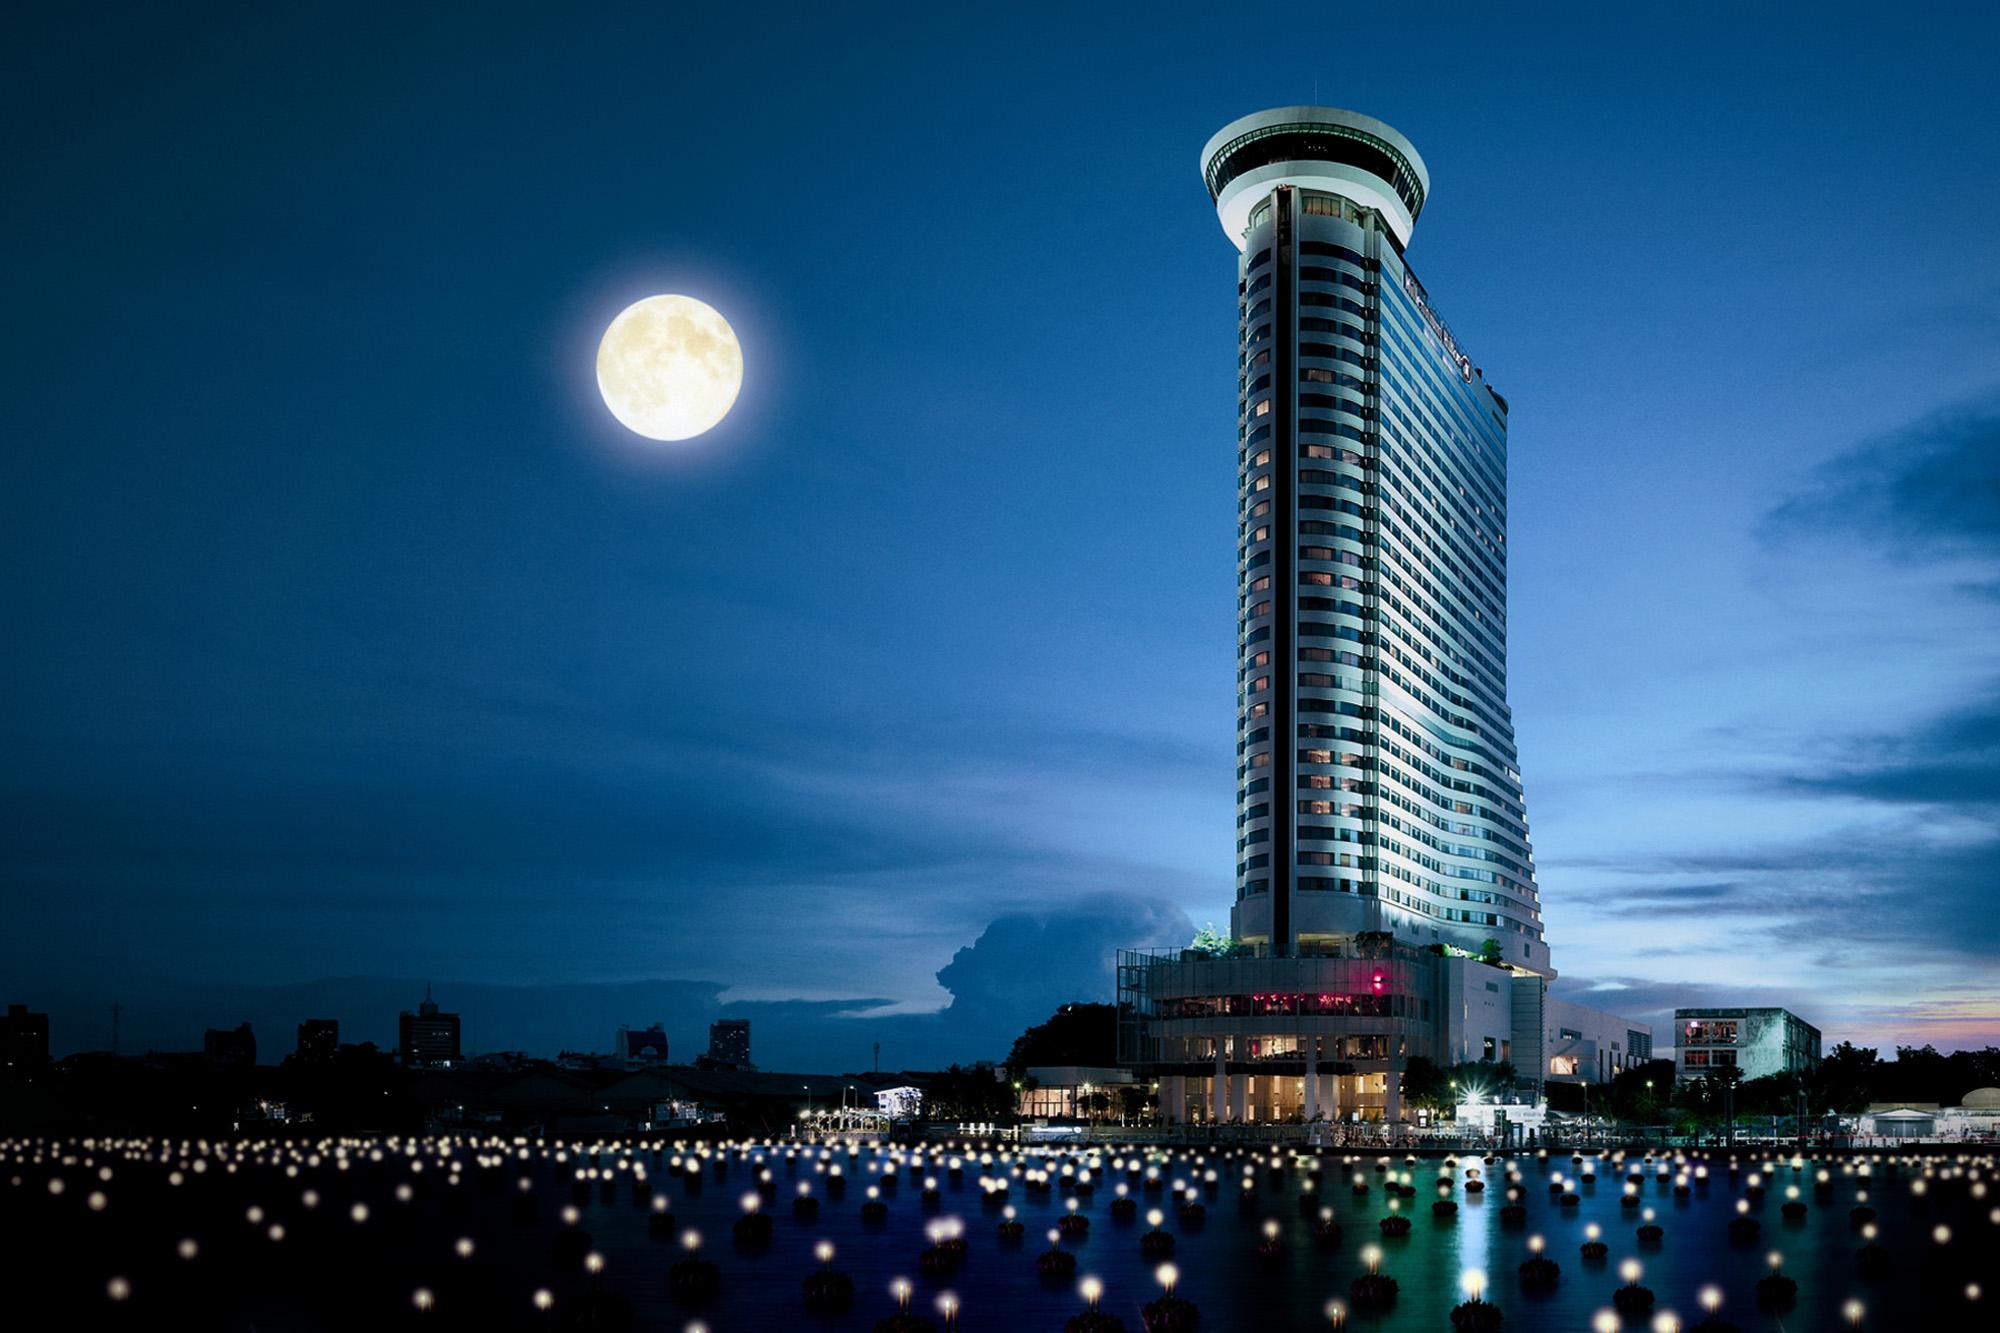 Asia hotels in investor spotlight